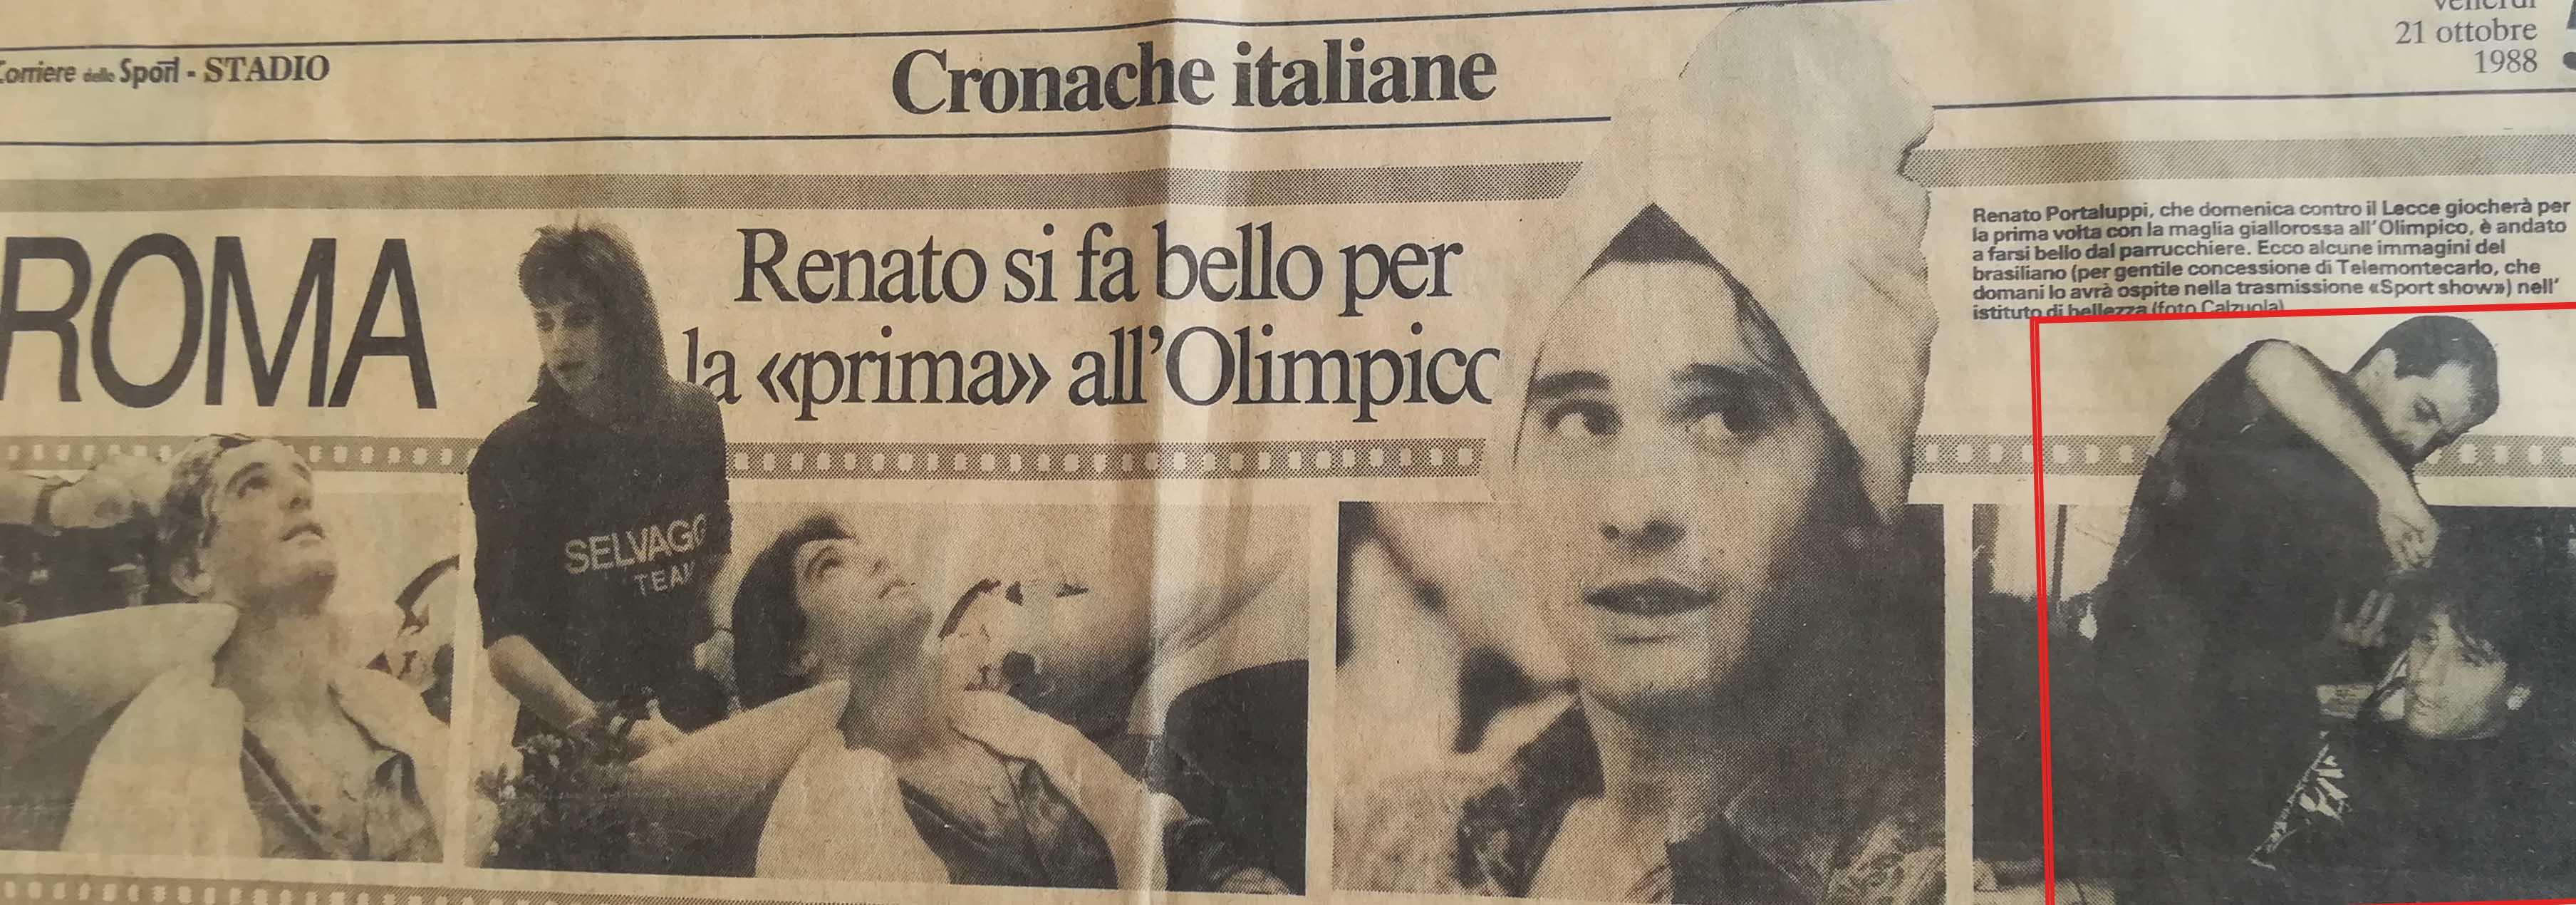 Luciano Bellotti il Parrucchiere dei Vip